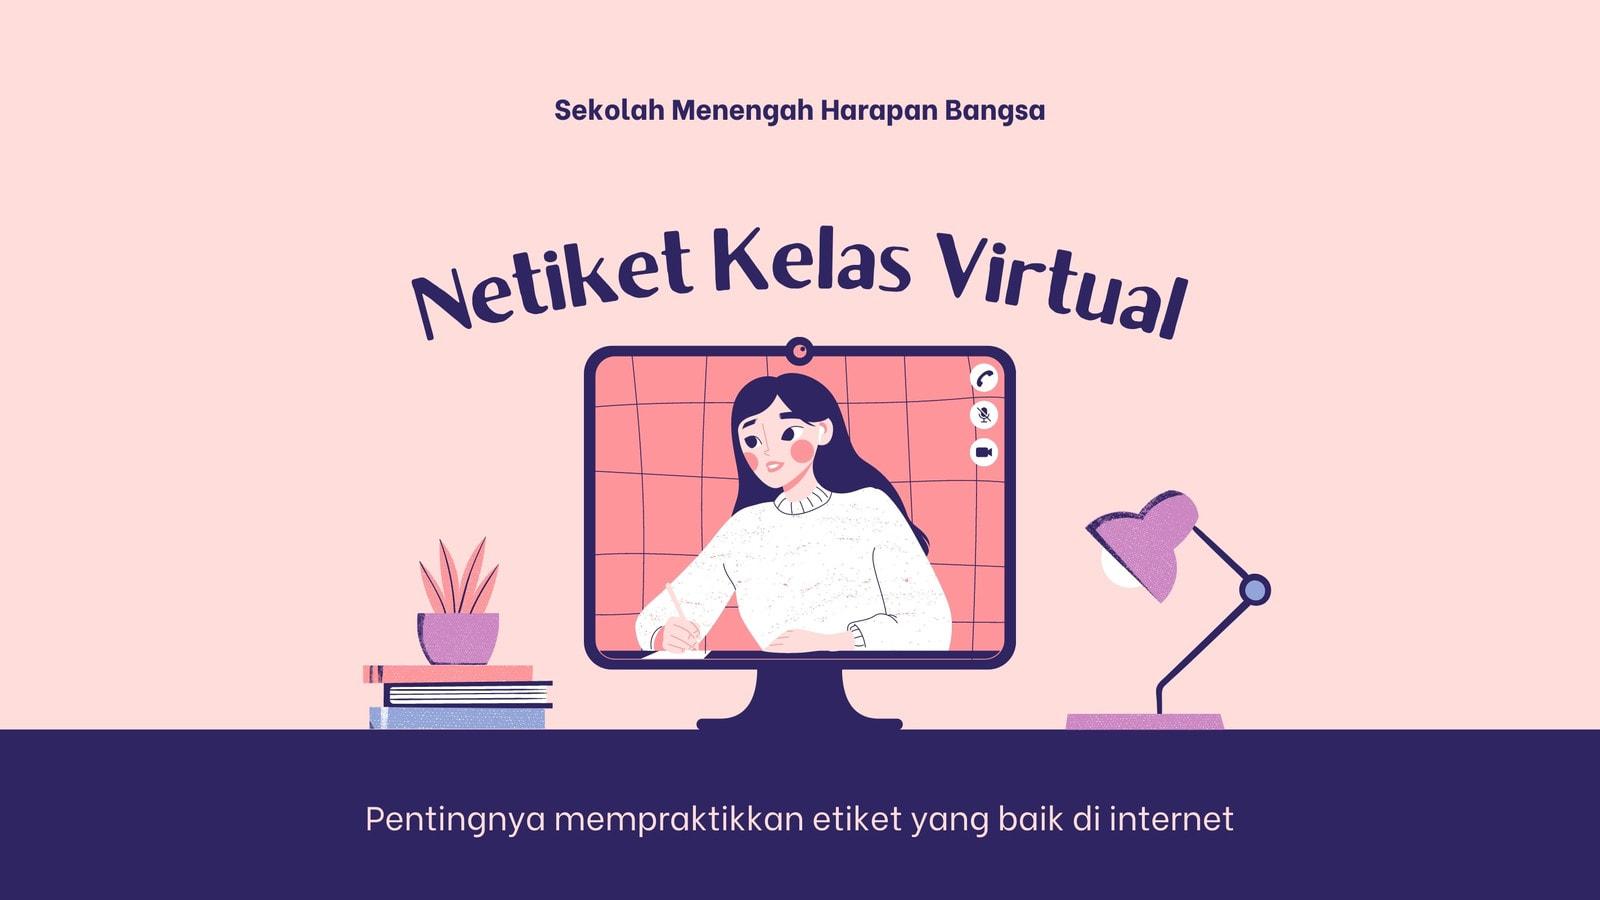 Etiket Presentasi Pendidikan Kelas Online Ilustrasi Orang Berwarna Merah Muda dan Ungu